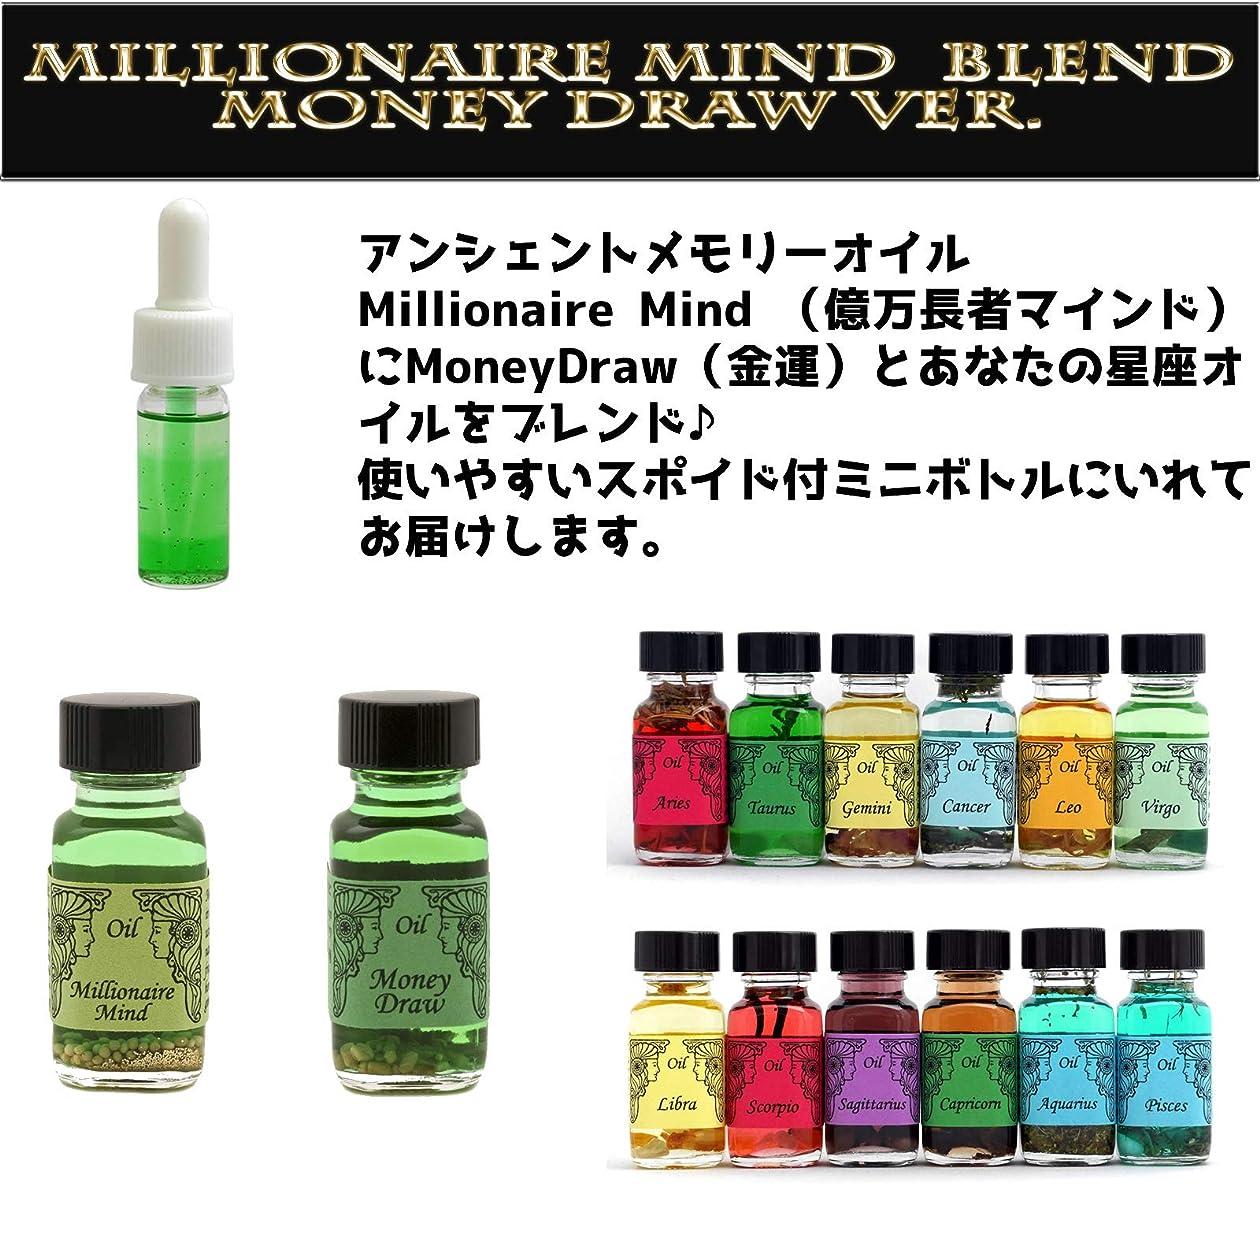 グローブブラケットハンサムアンシェントメモリーオイル Millionaire Mind 億万長者マインド ブレンド(Money Drawマネードロー(金運)&おうし座